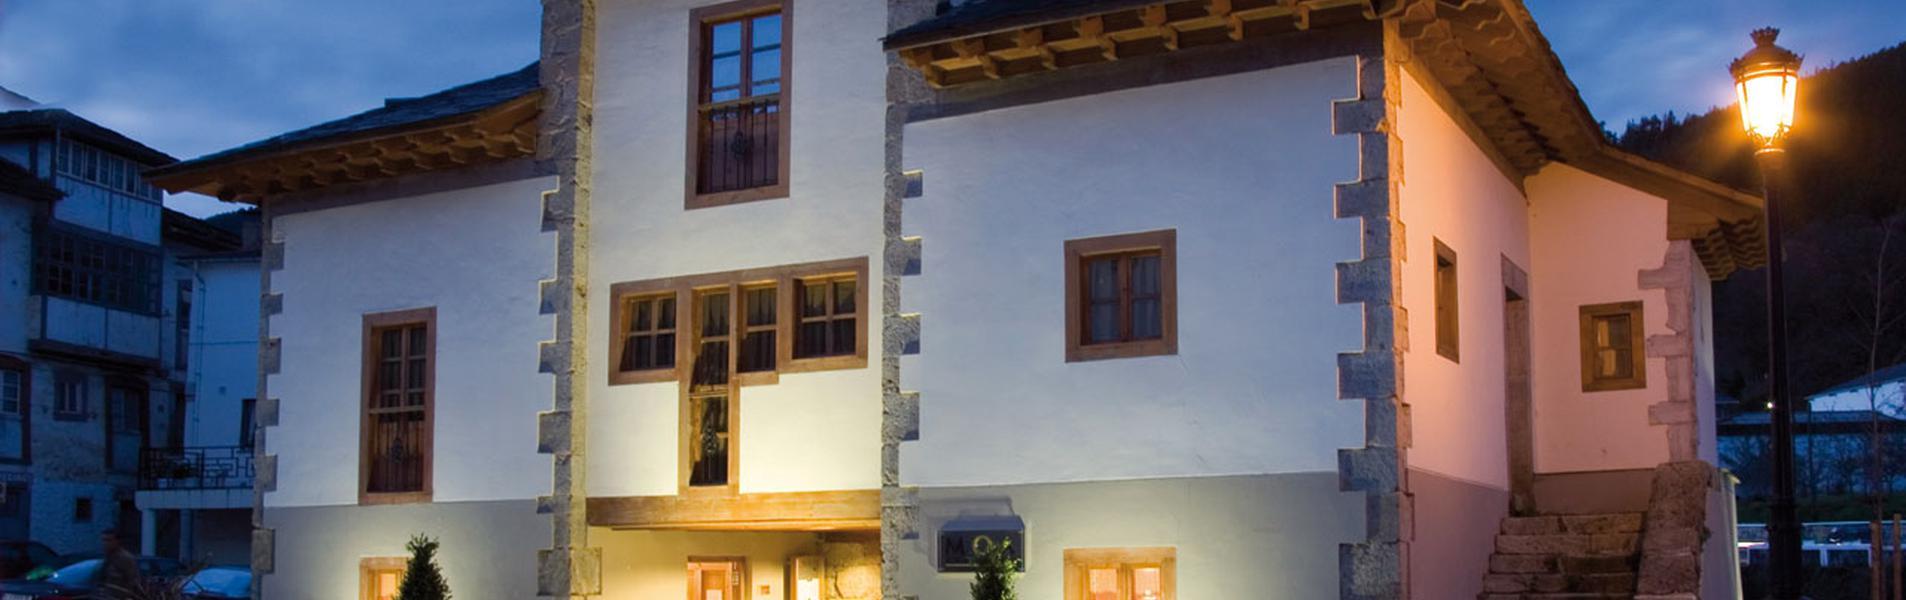 Museo del Oro de Asturias